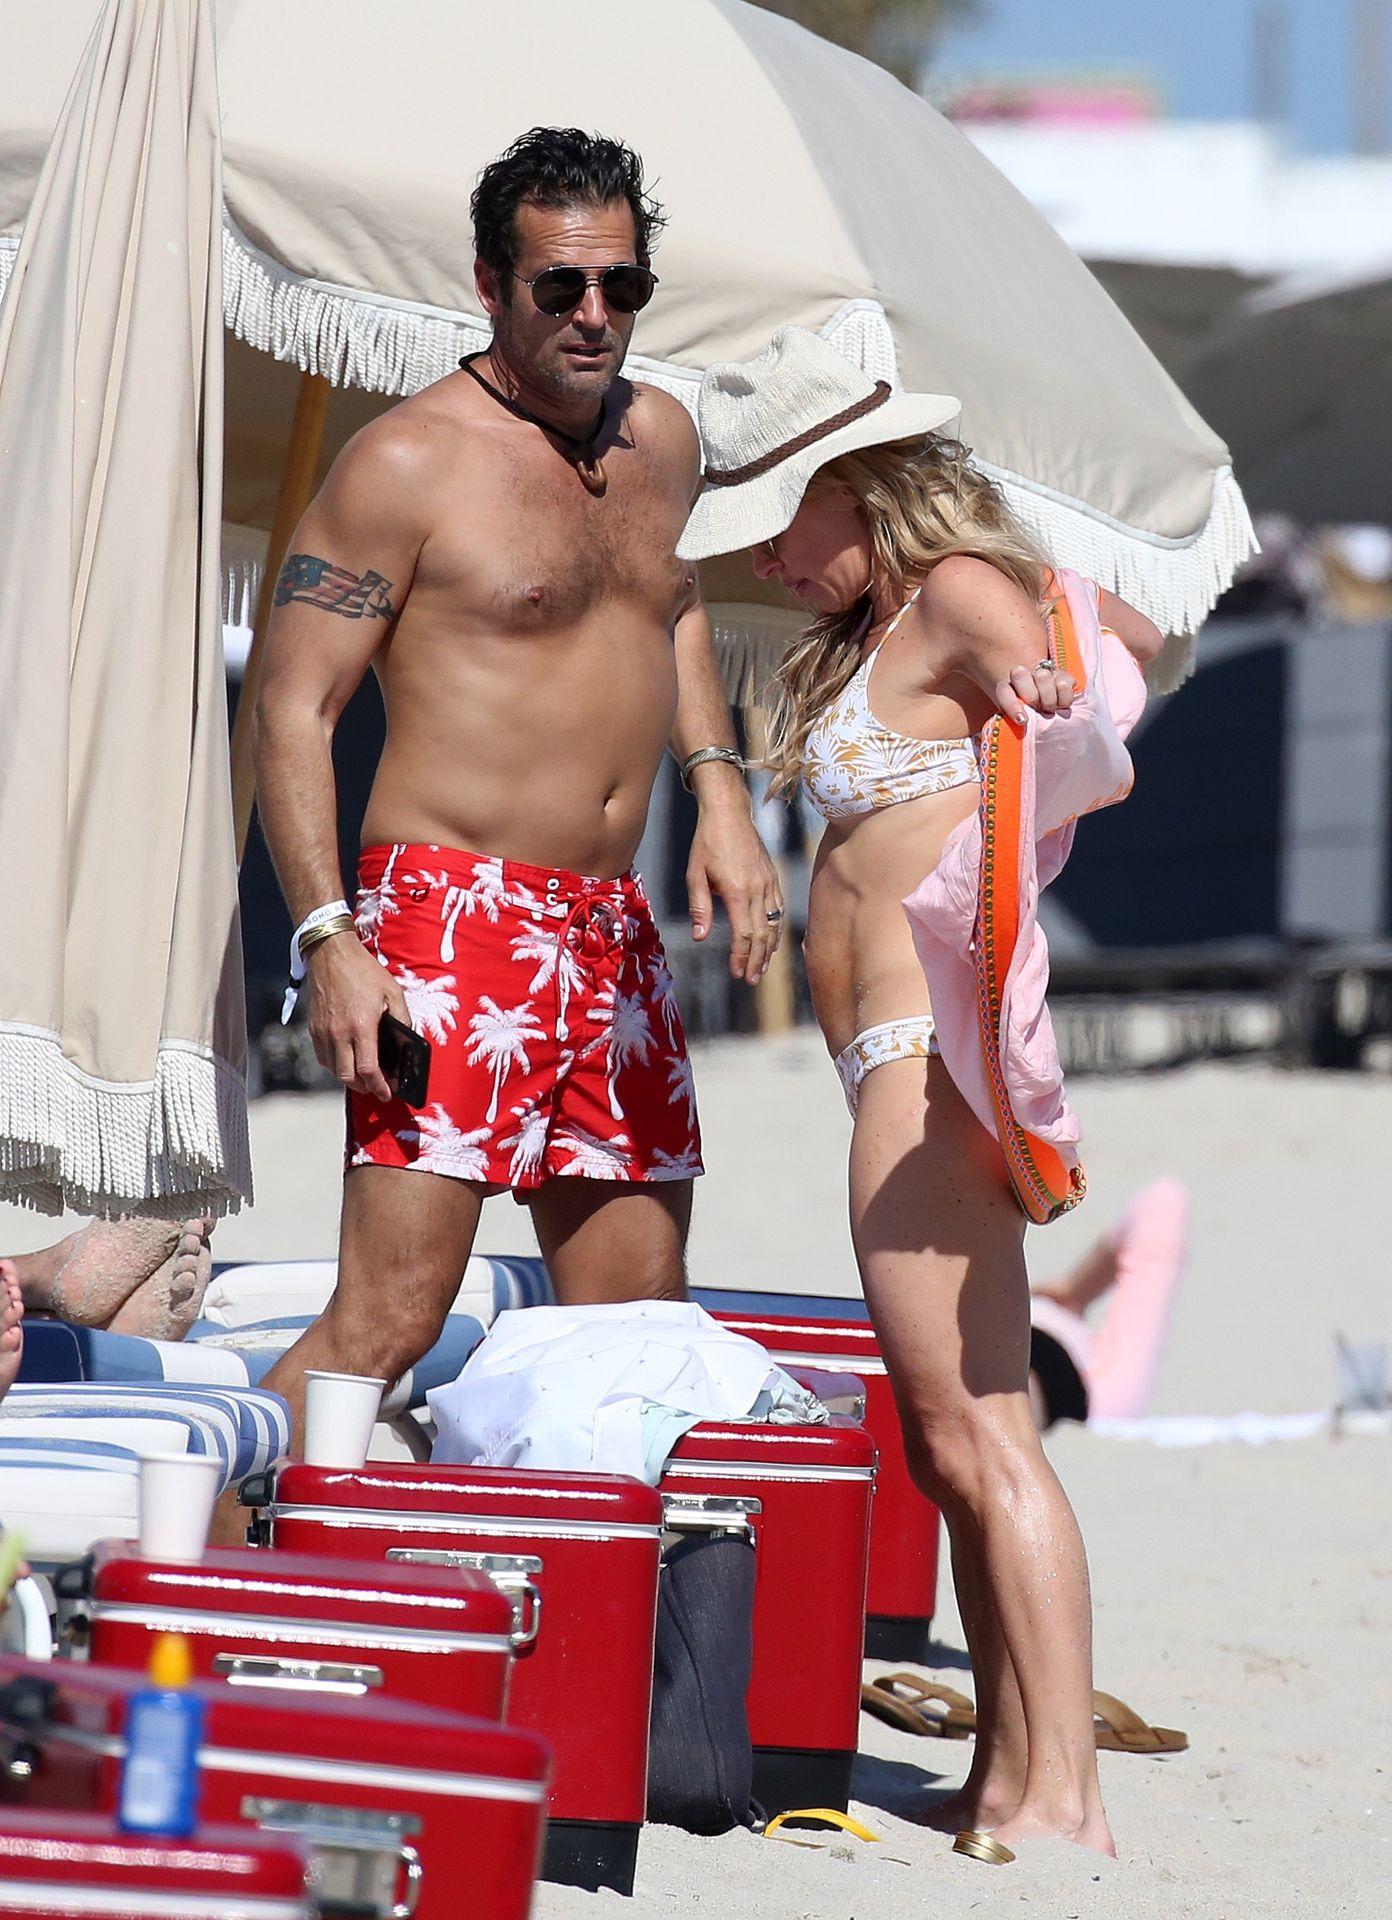 Braunwyn Windham Burke Wears A Bikini On The Beach In Miami 0021